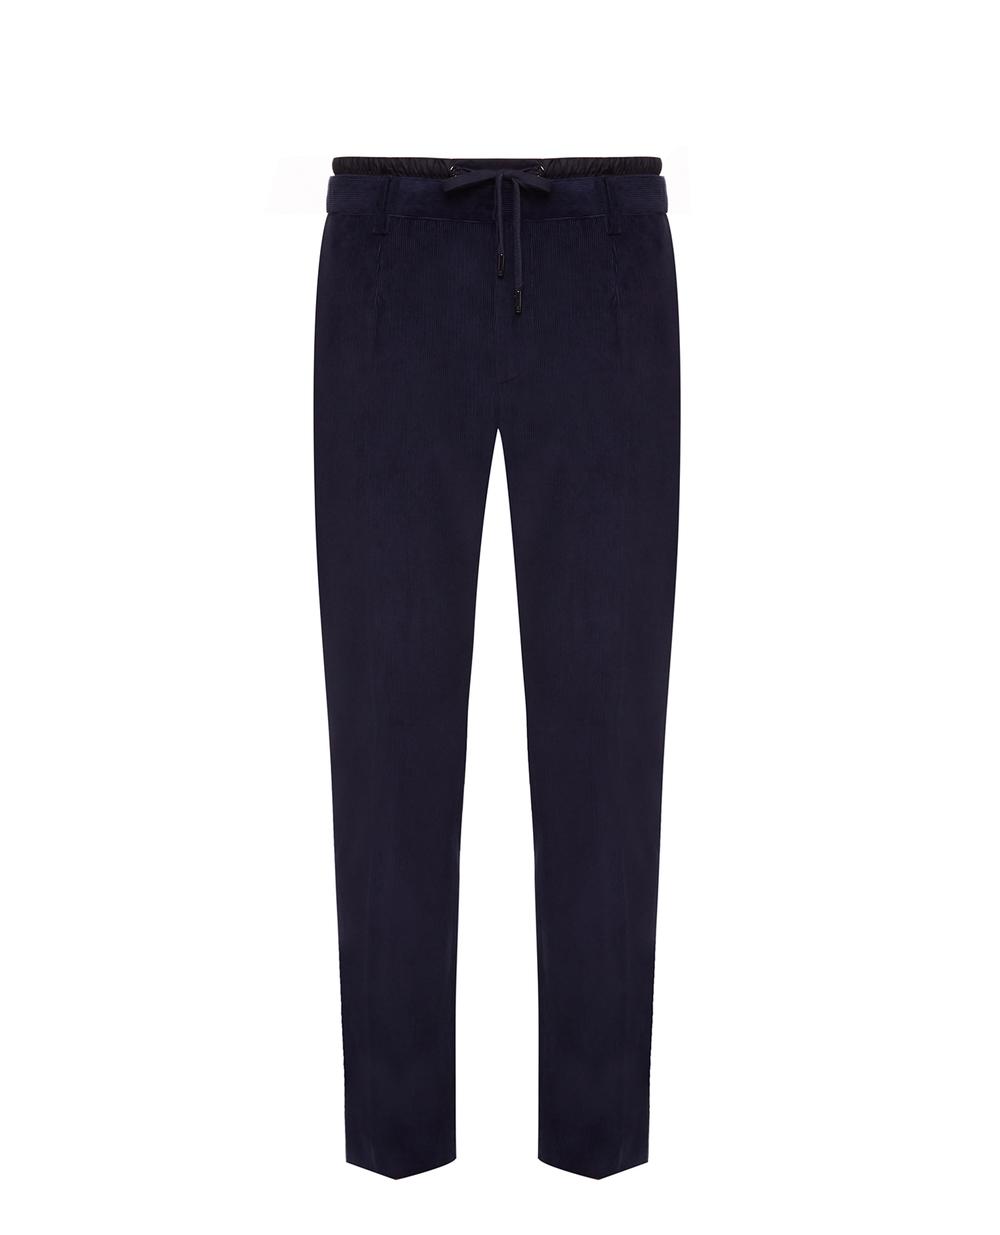 Вельветовые брюки Dolce&Gabbana GW66ET-FUVK4 — Kameron